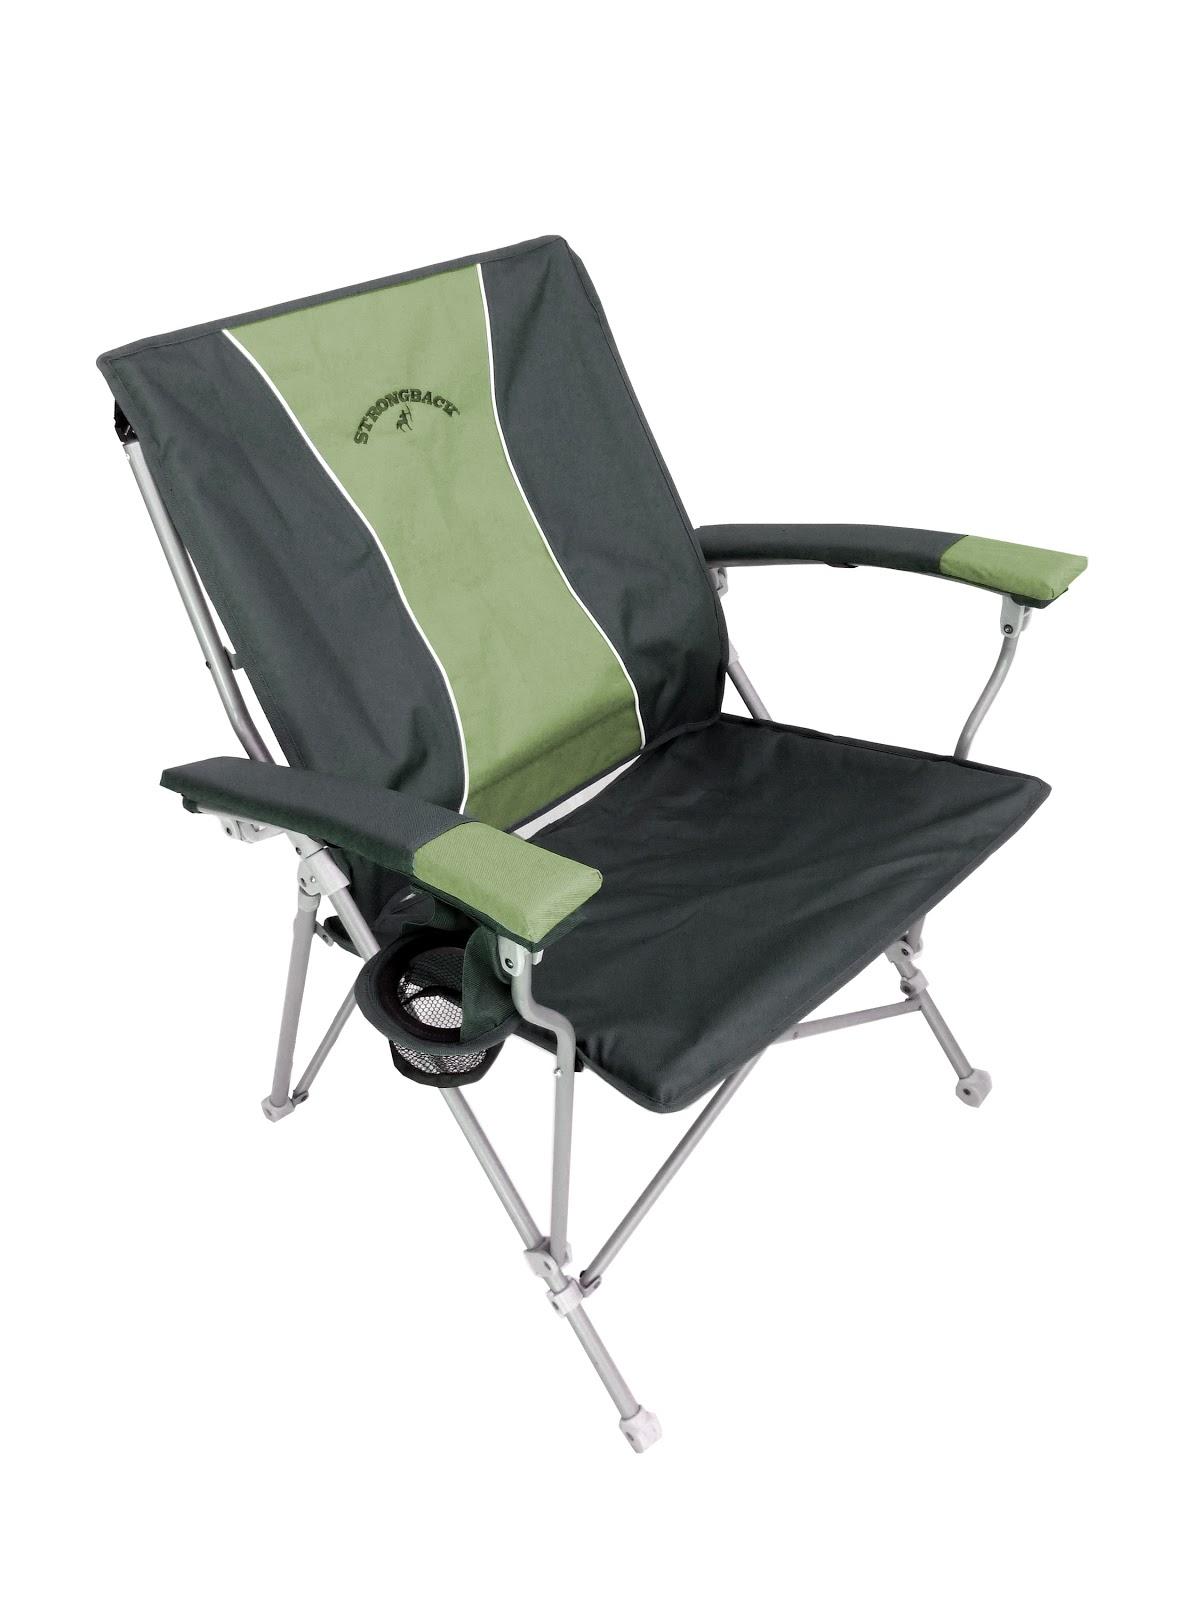 King Kong Camping Chair Antique Slipper Gargantuan Gear November 2012